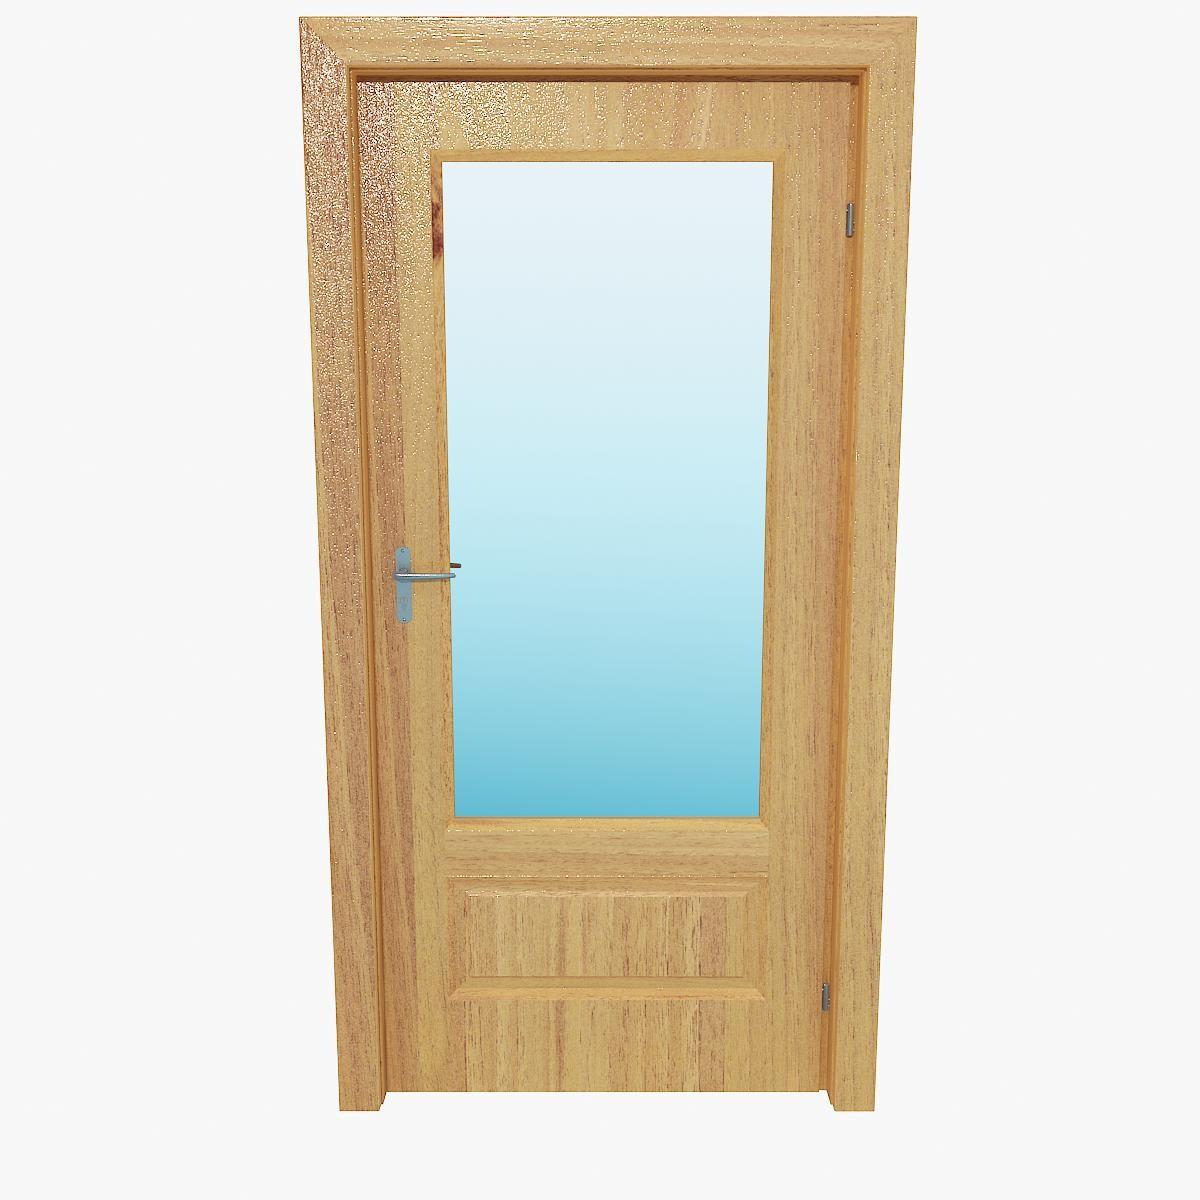 Free cliparts download clip. Clipart door class door